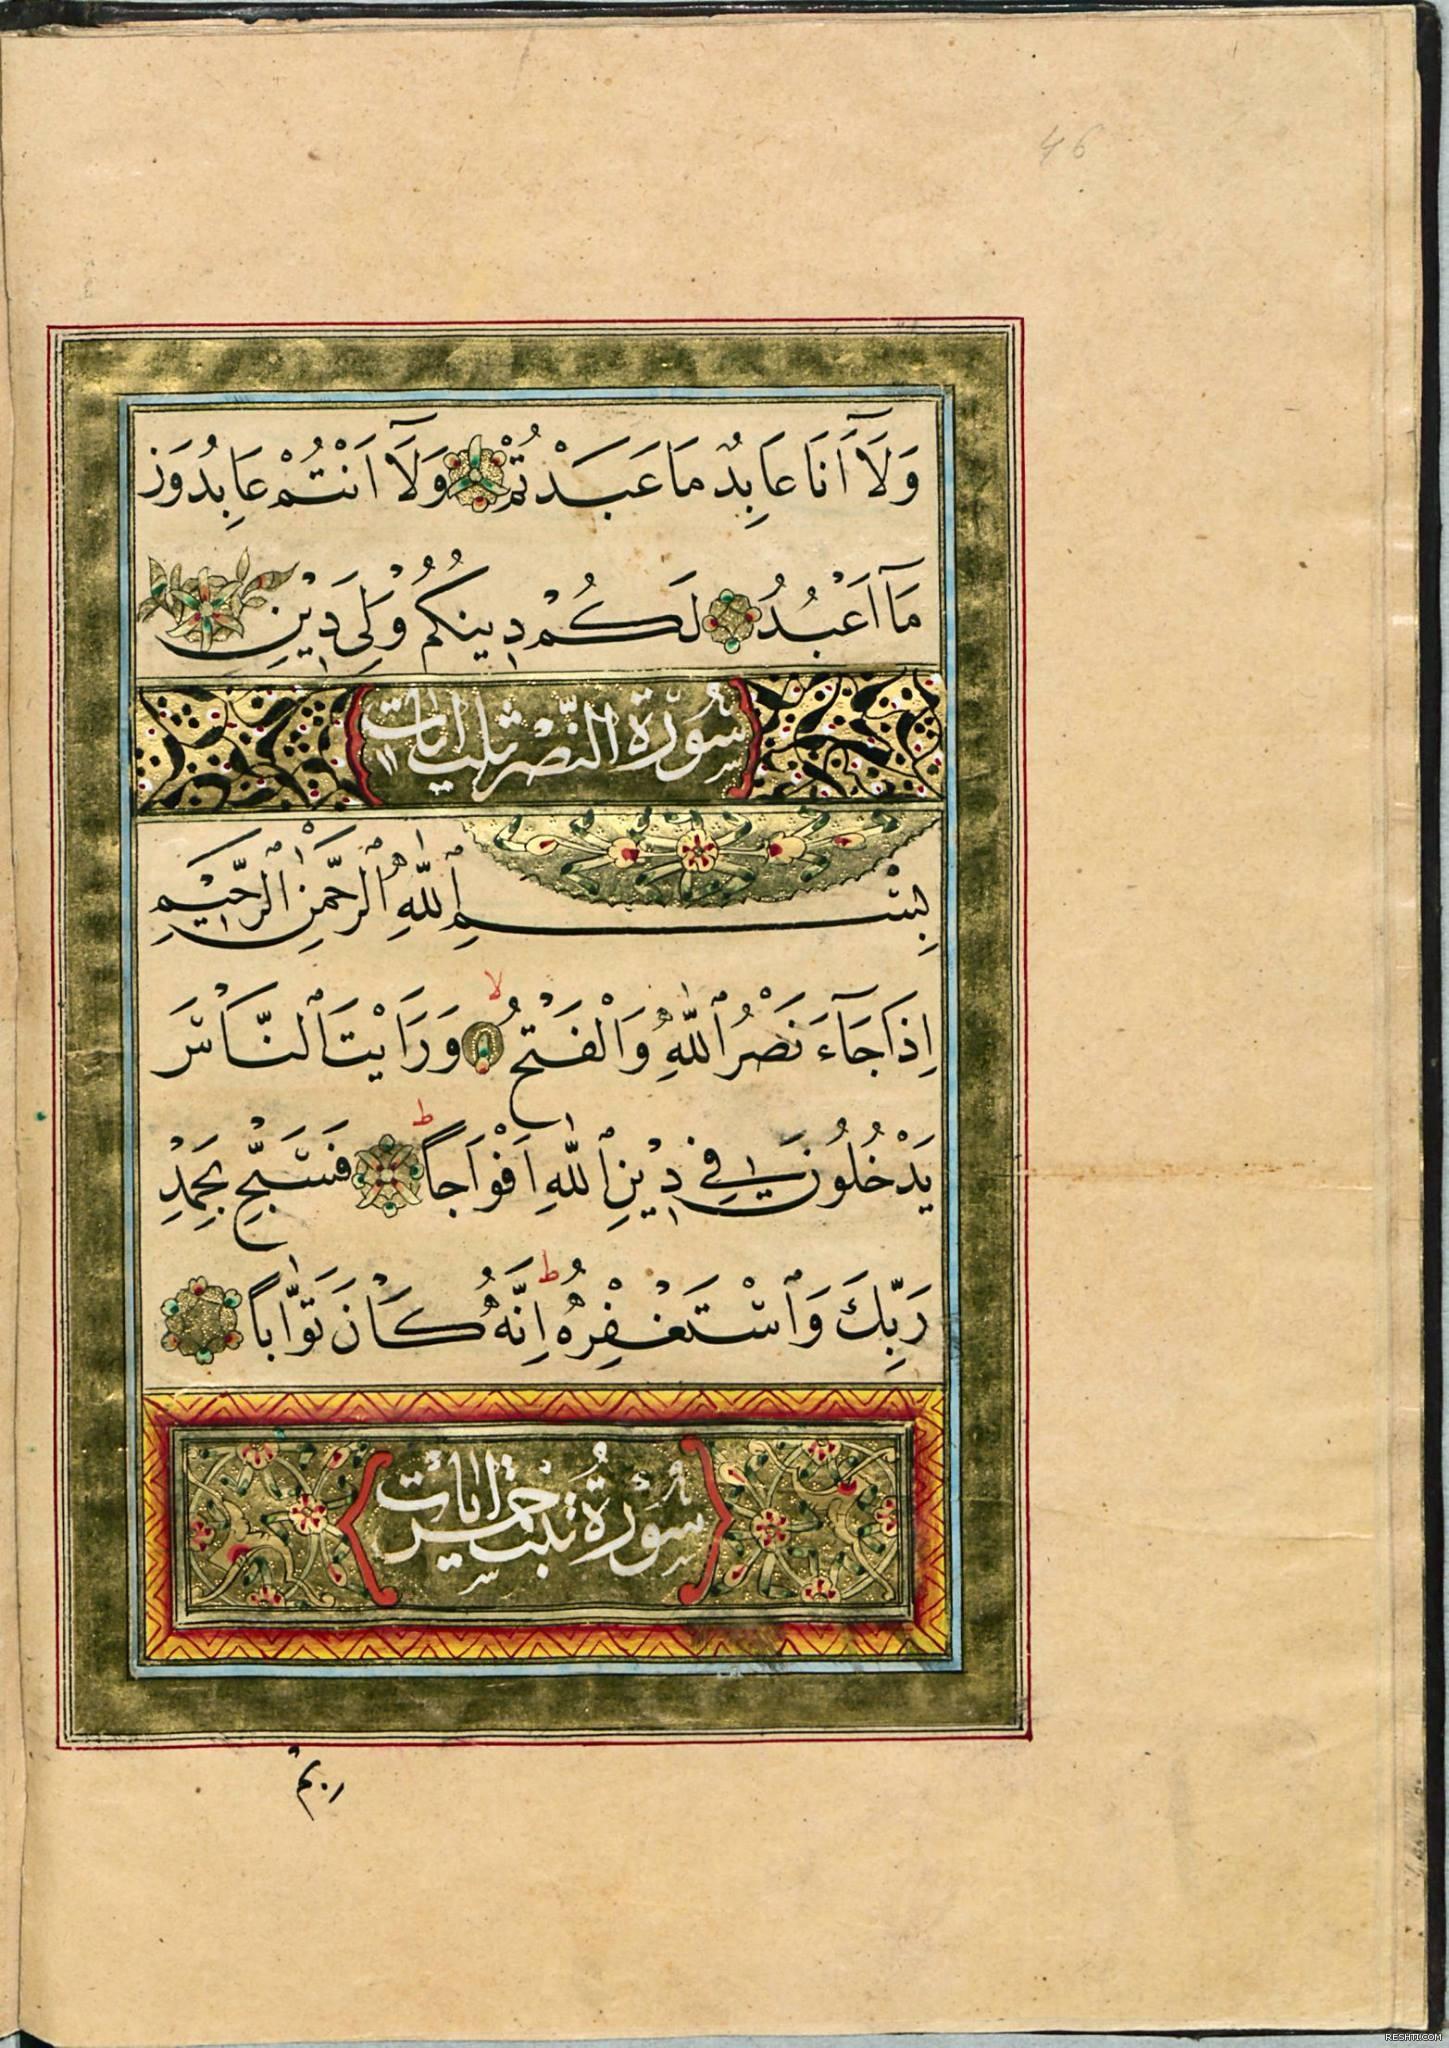 جزء عم لخطاط الحرم النبوي السيد عبد الله الزهدي التميمي 4